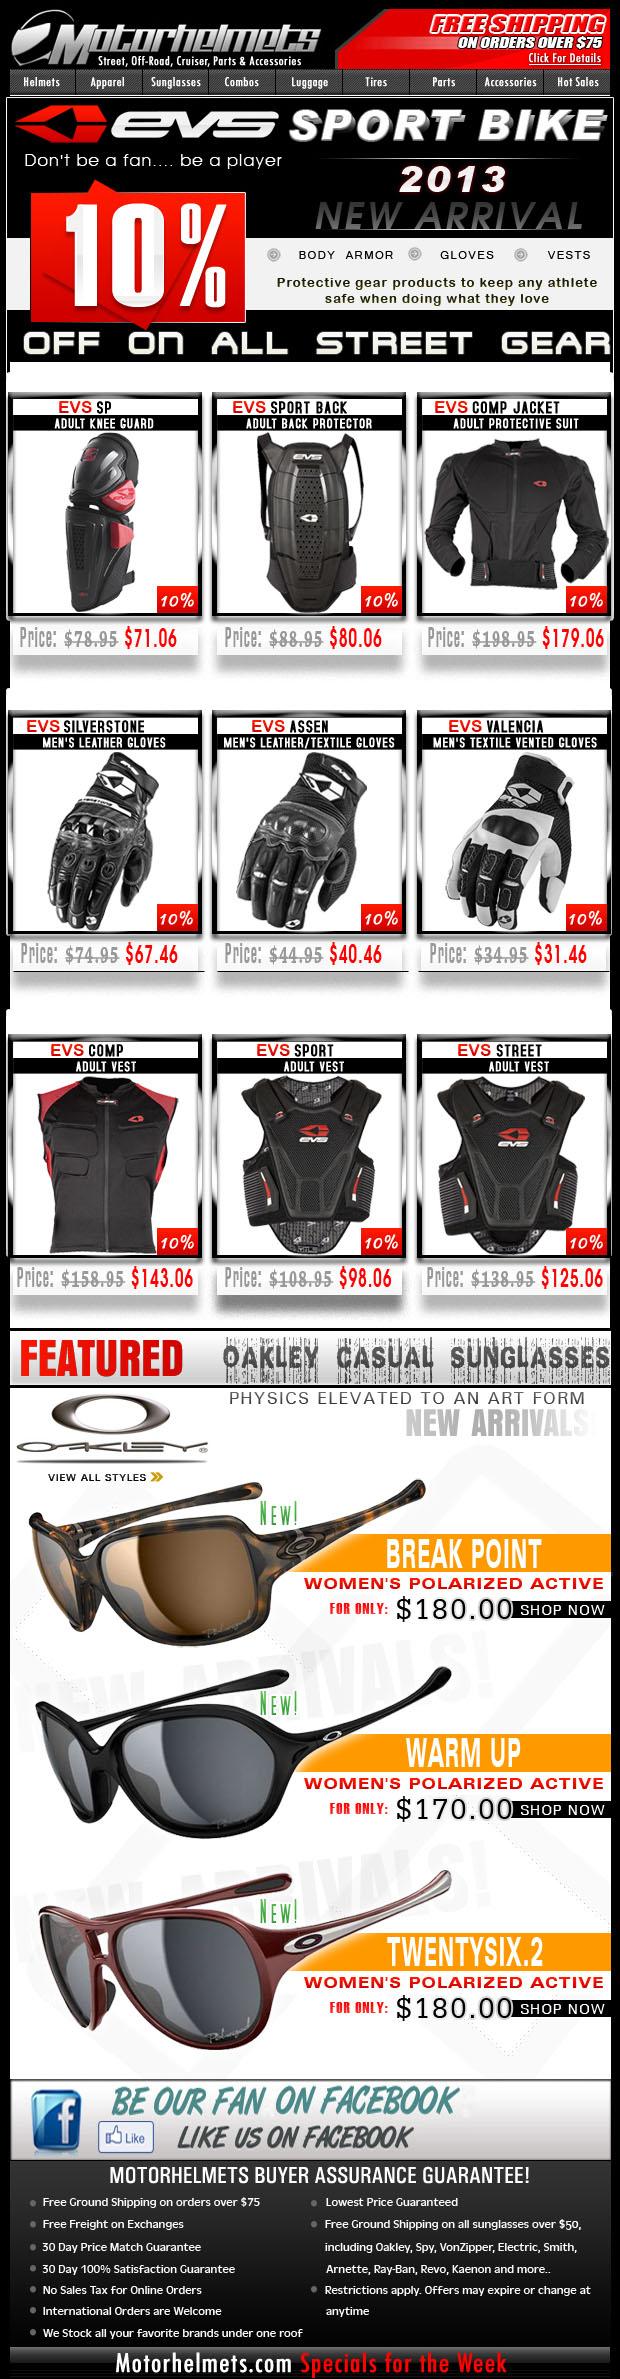 NEW ARRIVALS: EVS Street Gloves, Armor, Vests + Oakley Women's Polarized Glasses